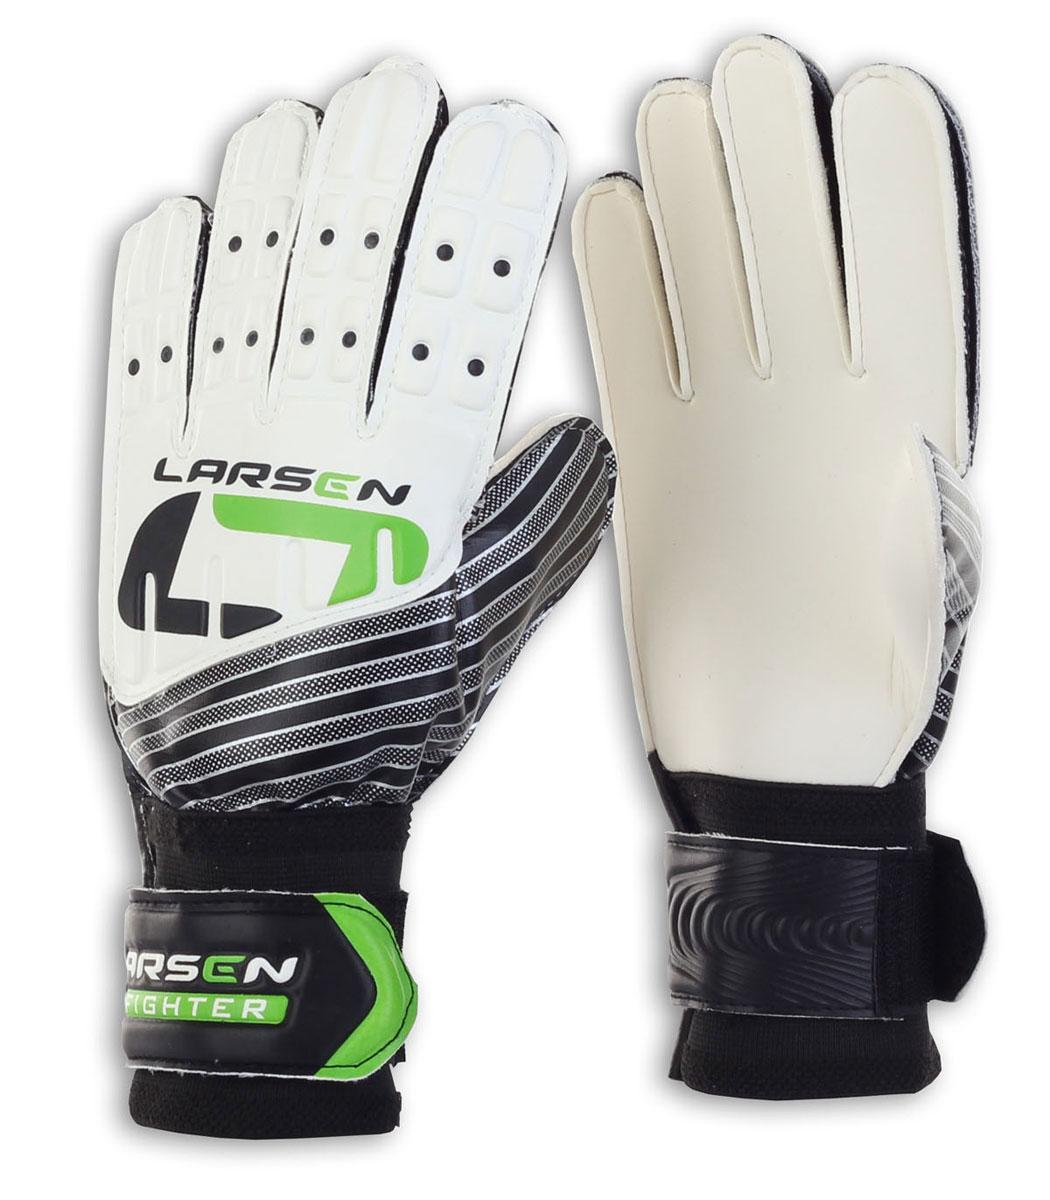 Перчатки вратарские Larsen  Fighter , цвет: черный, зеленый. Размер 5 - Футбол